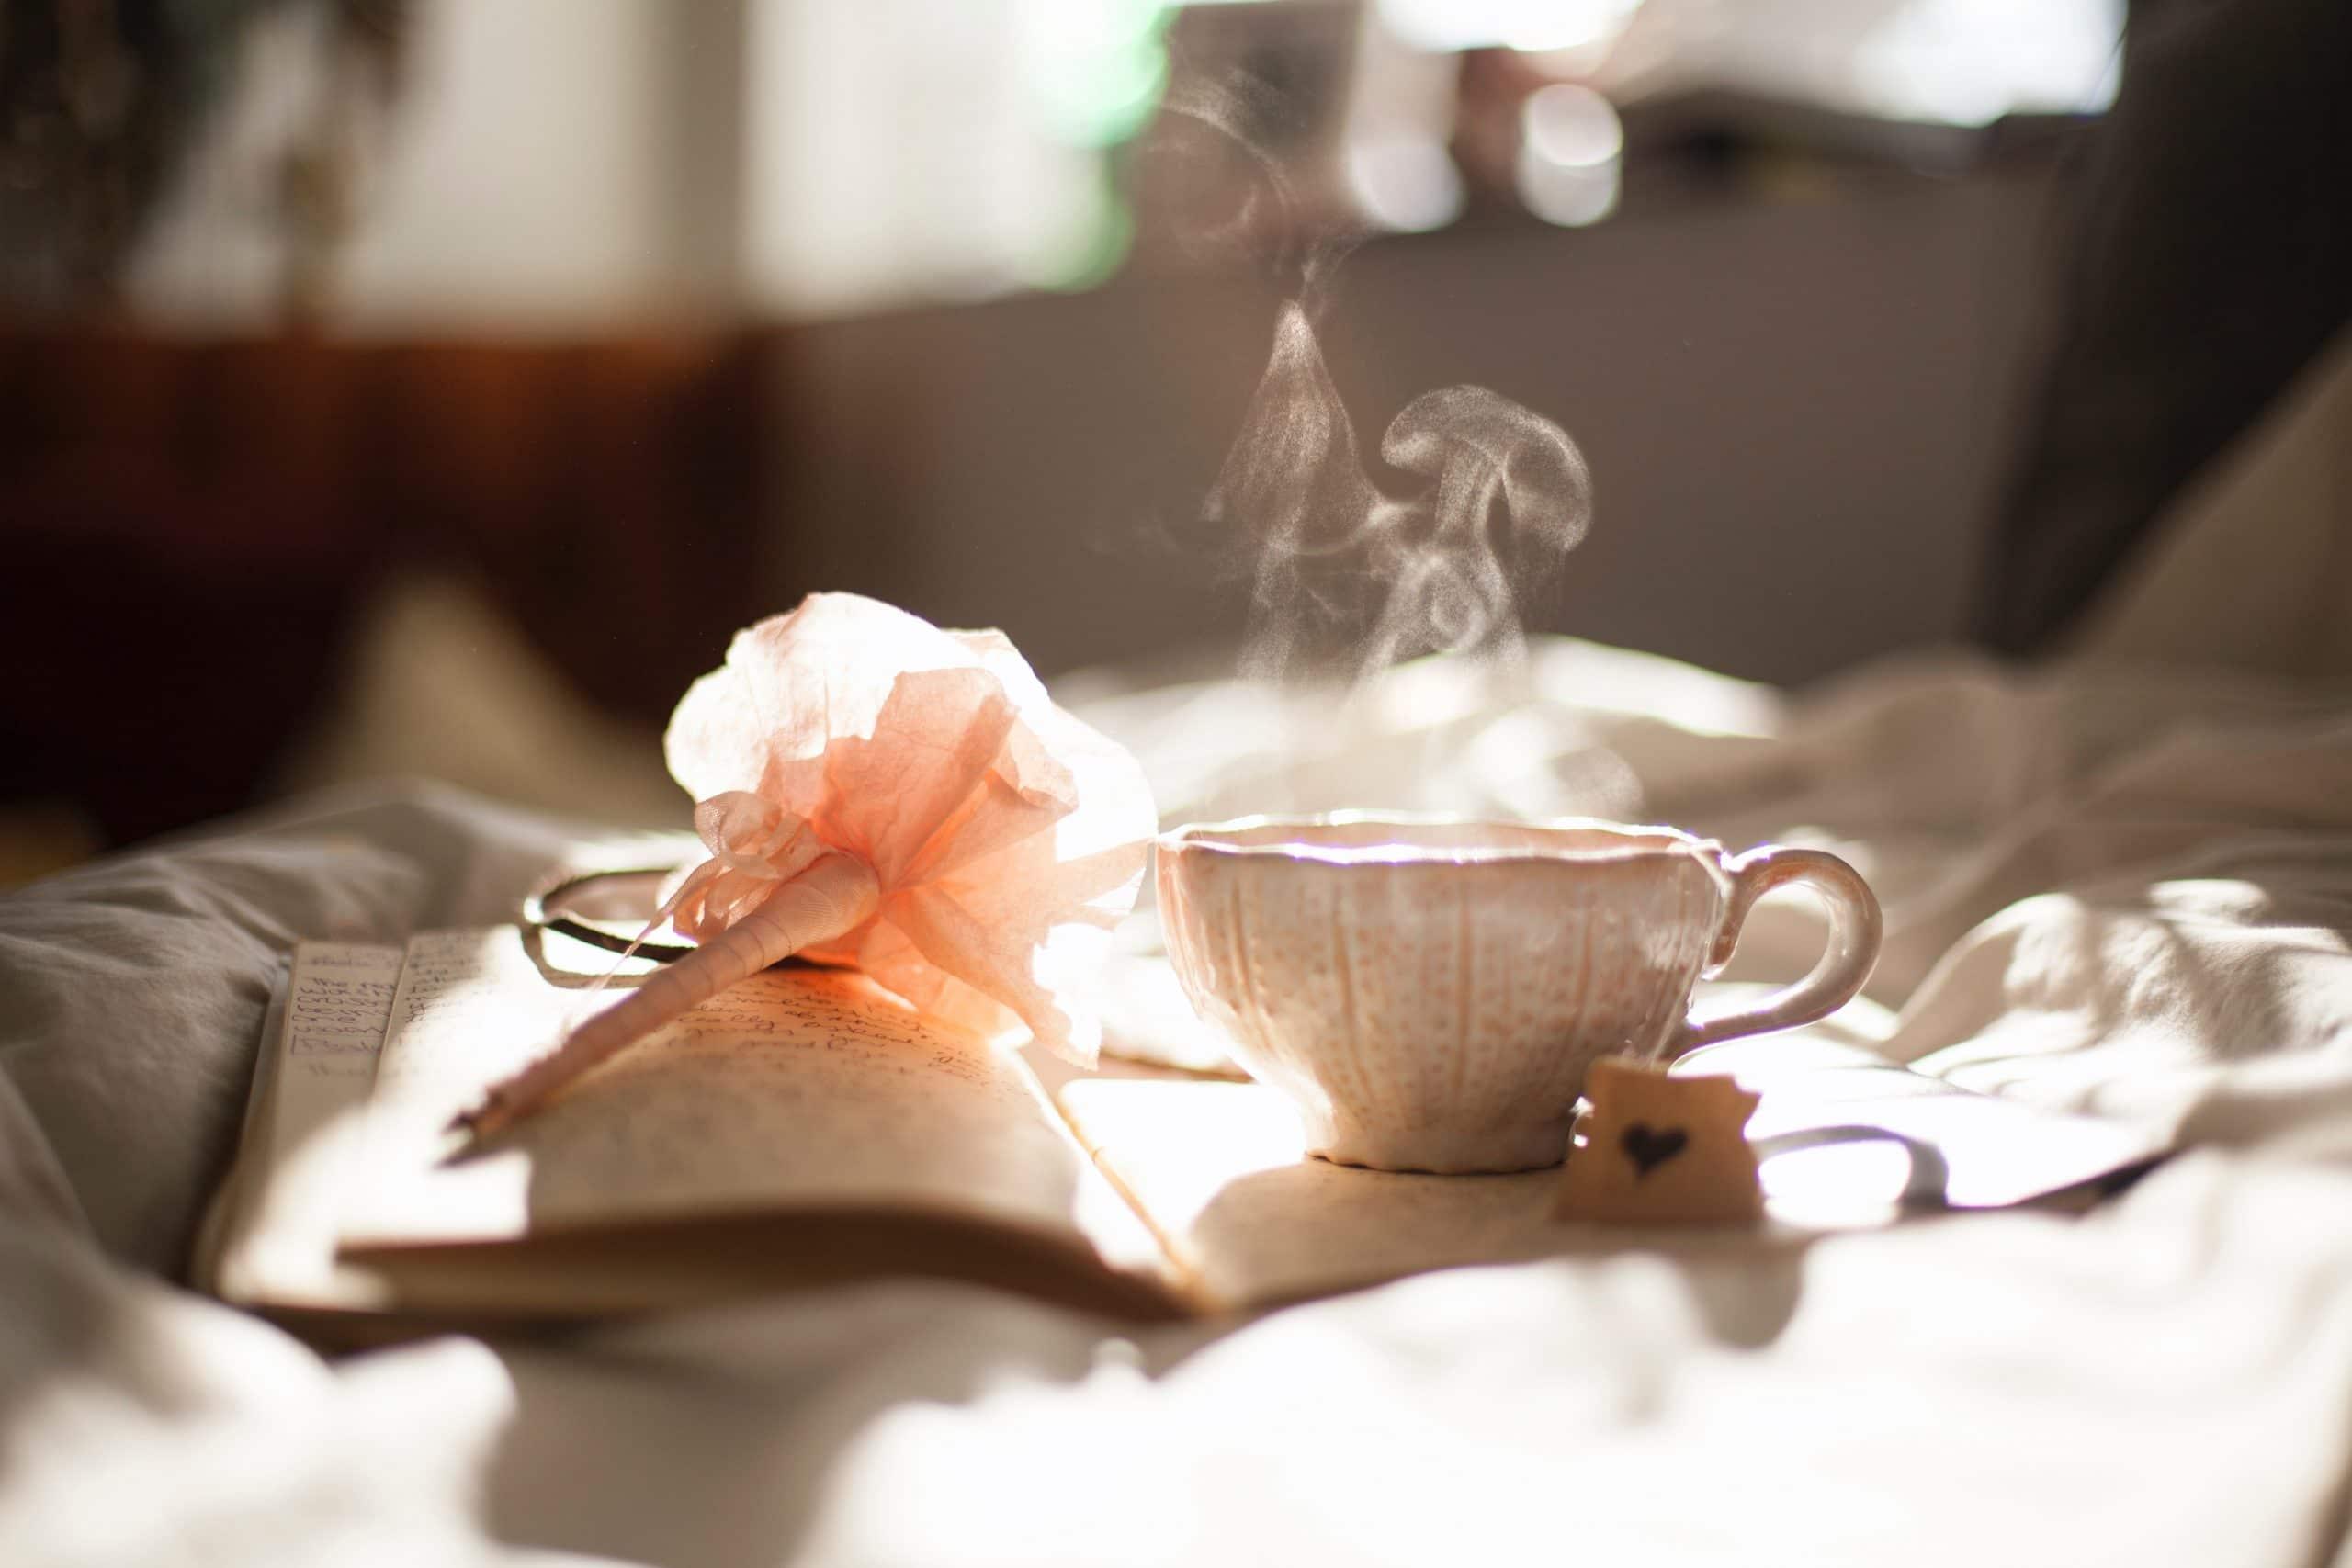 Um livro, uma caneta decorada em formato de flor e uma xícara de café com fumaça saindo posicionados em cima da cama bagunçada, com a luz do dia iluminando-os.